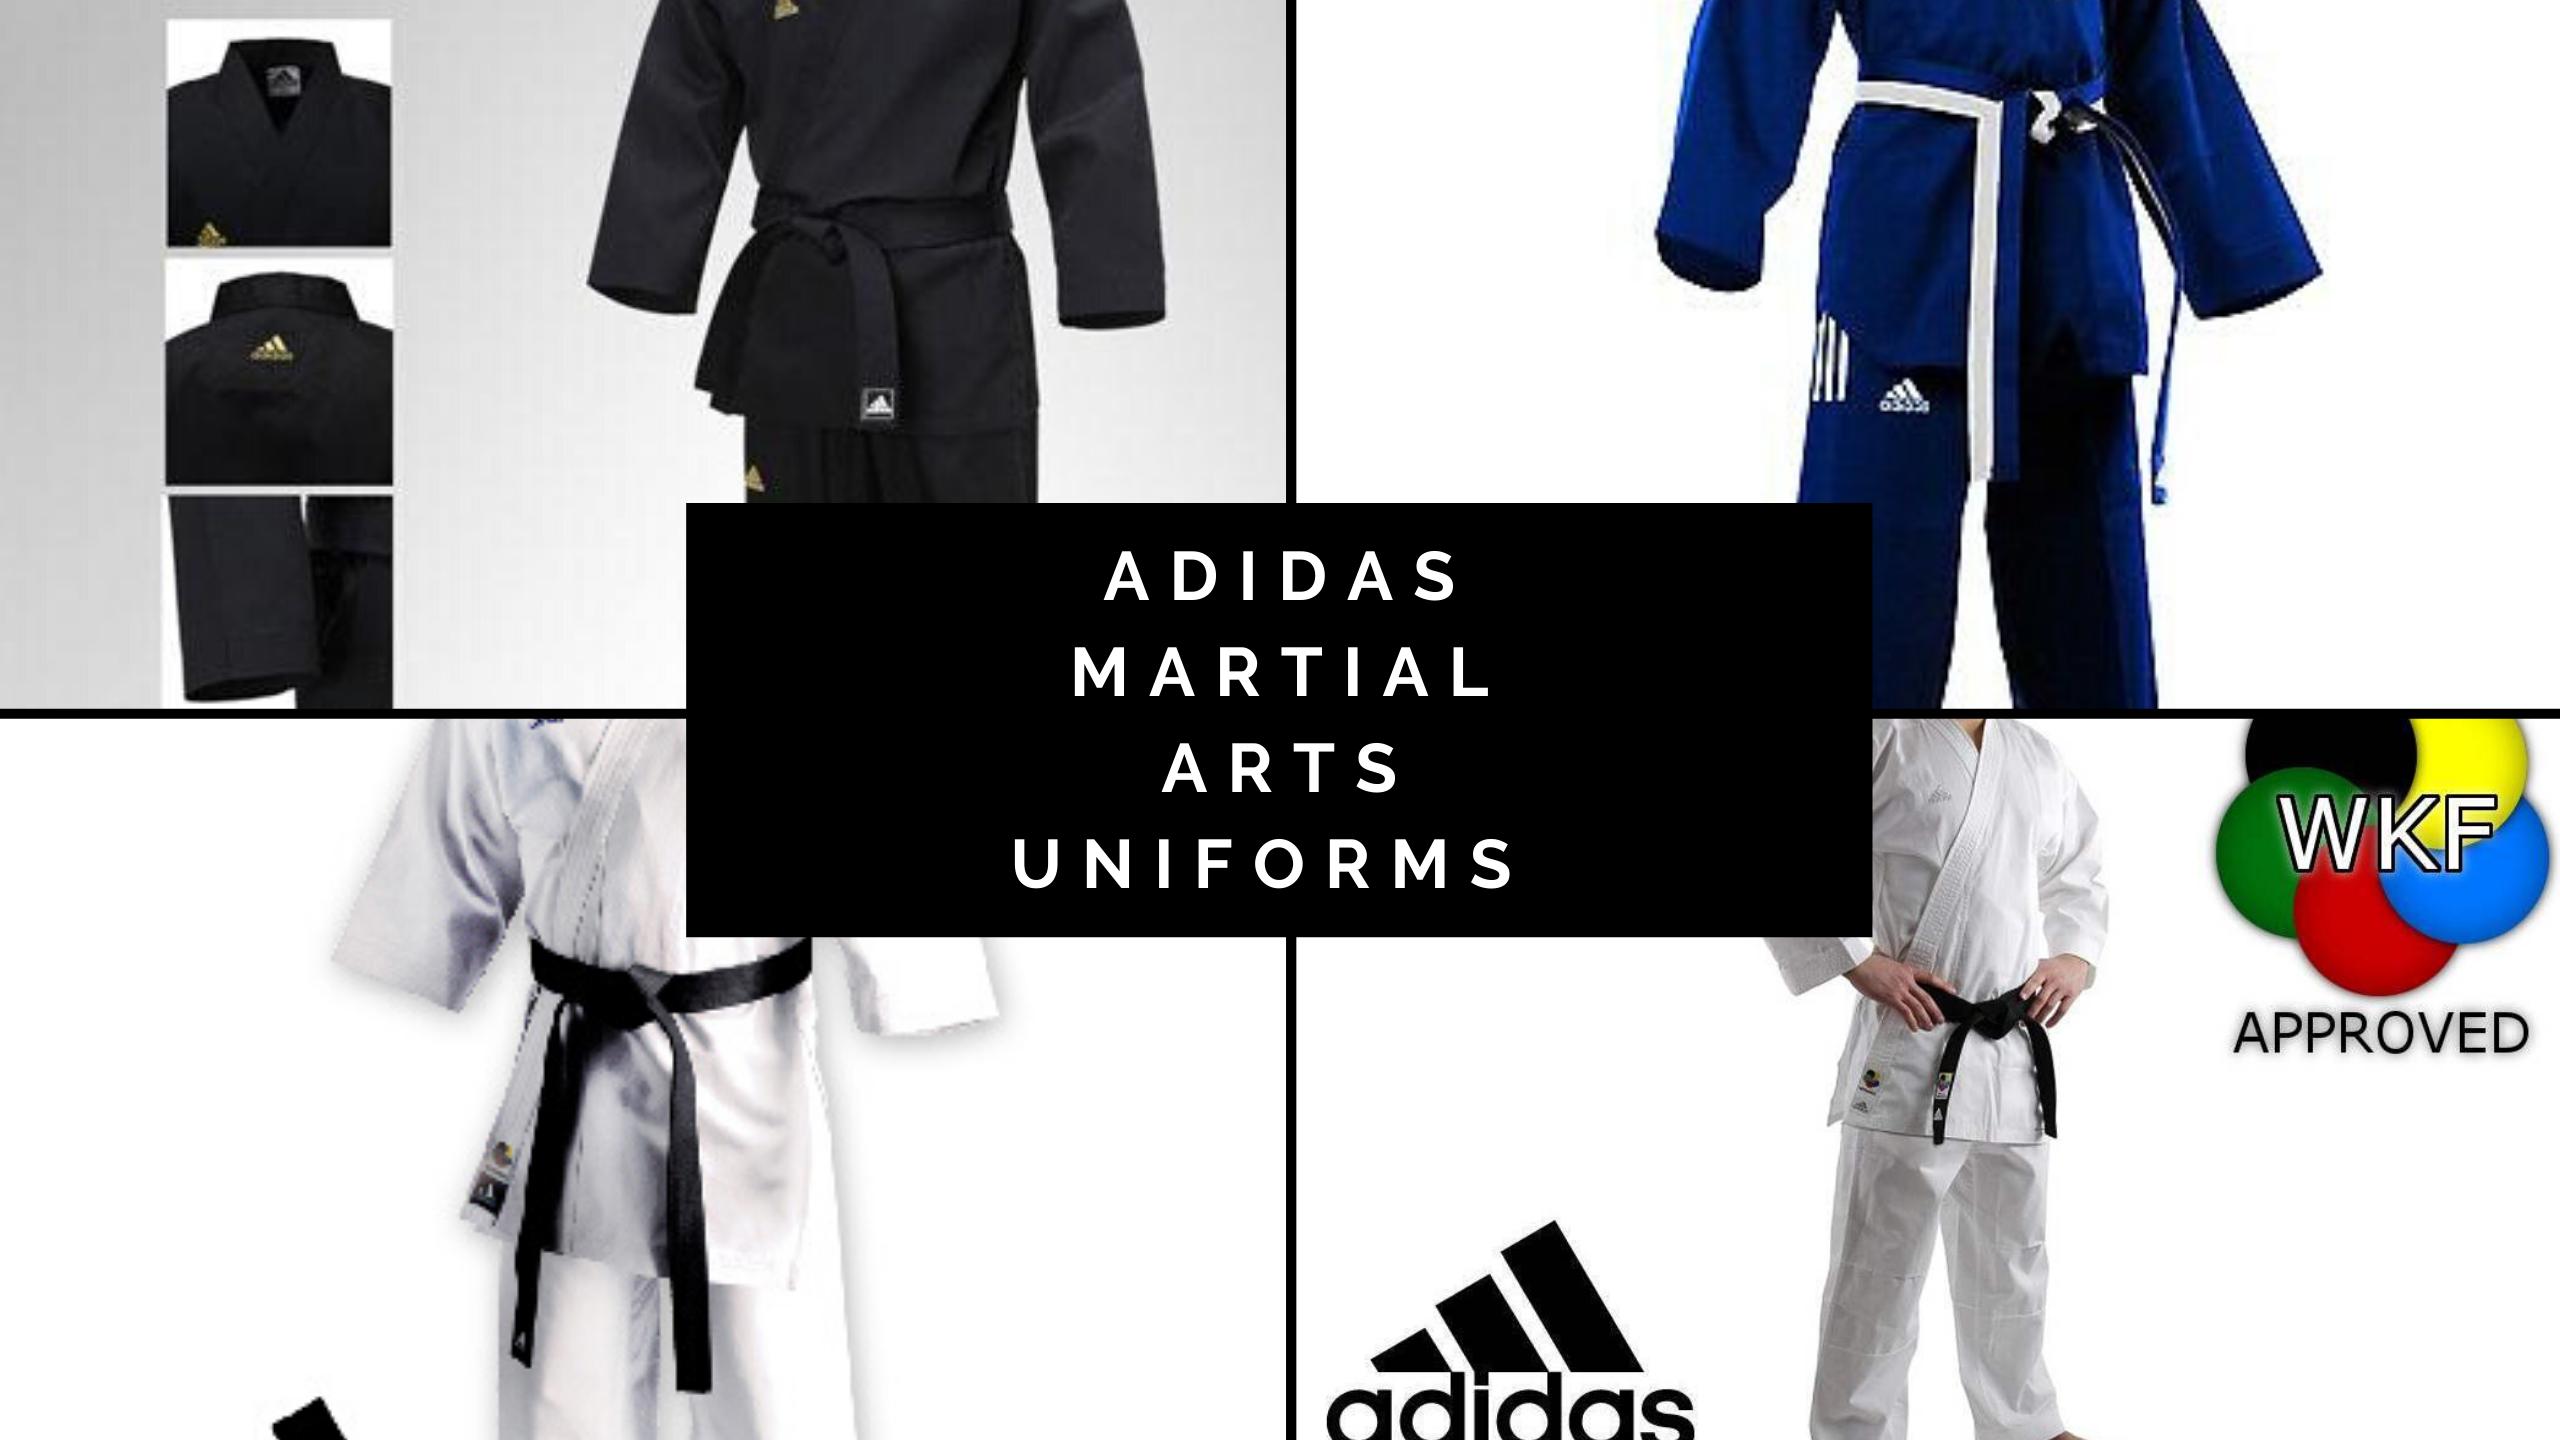 Adidas Martial Arts Uniforms